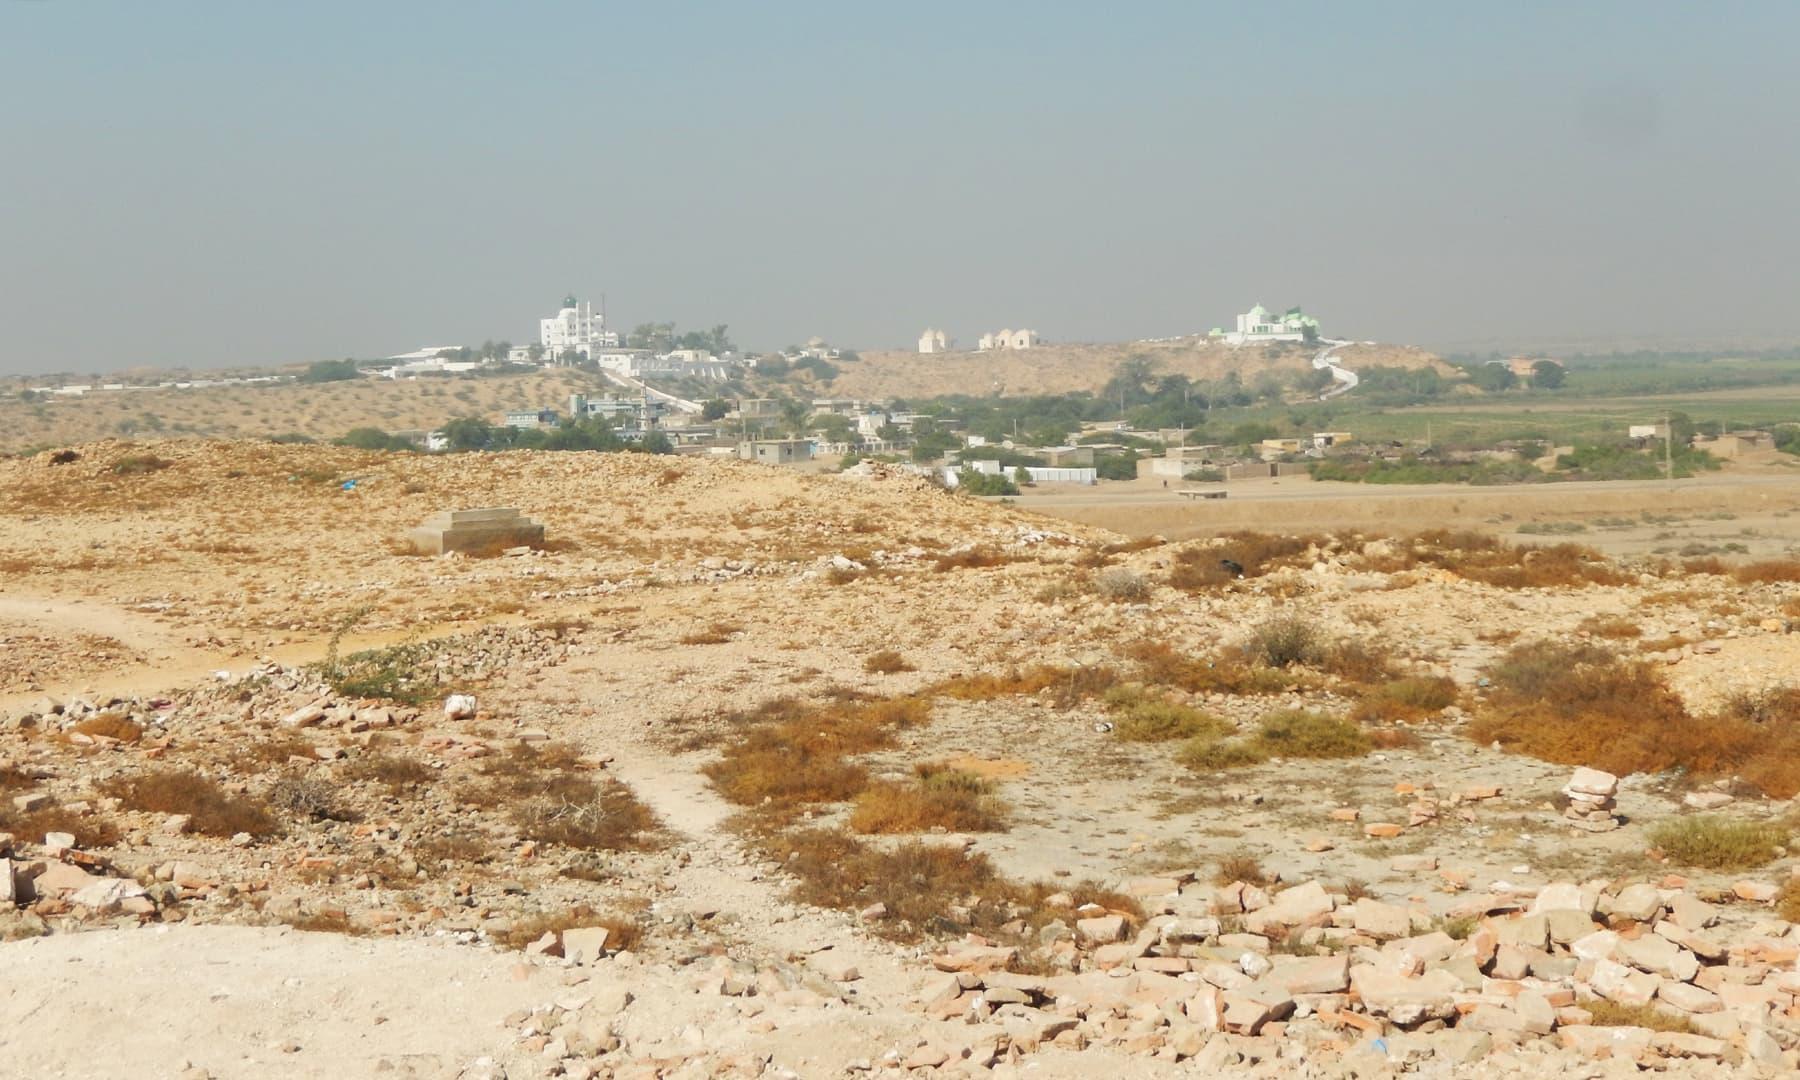 روشنی مینار سے قبرستان، مسجد اور خانقاہیں نظر آتی ہیں — تصویر ابوبکر شیخ